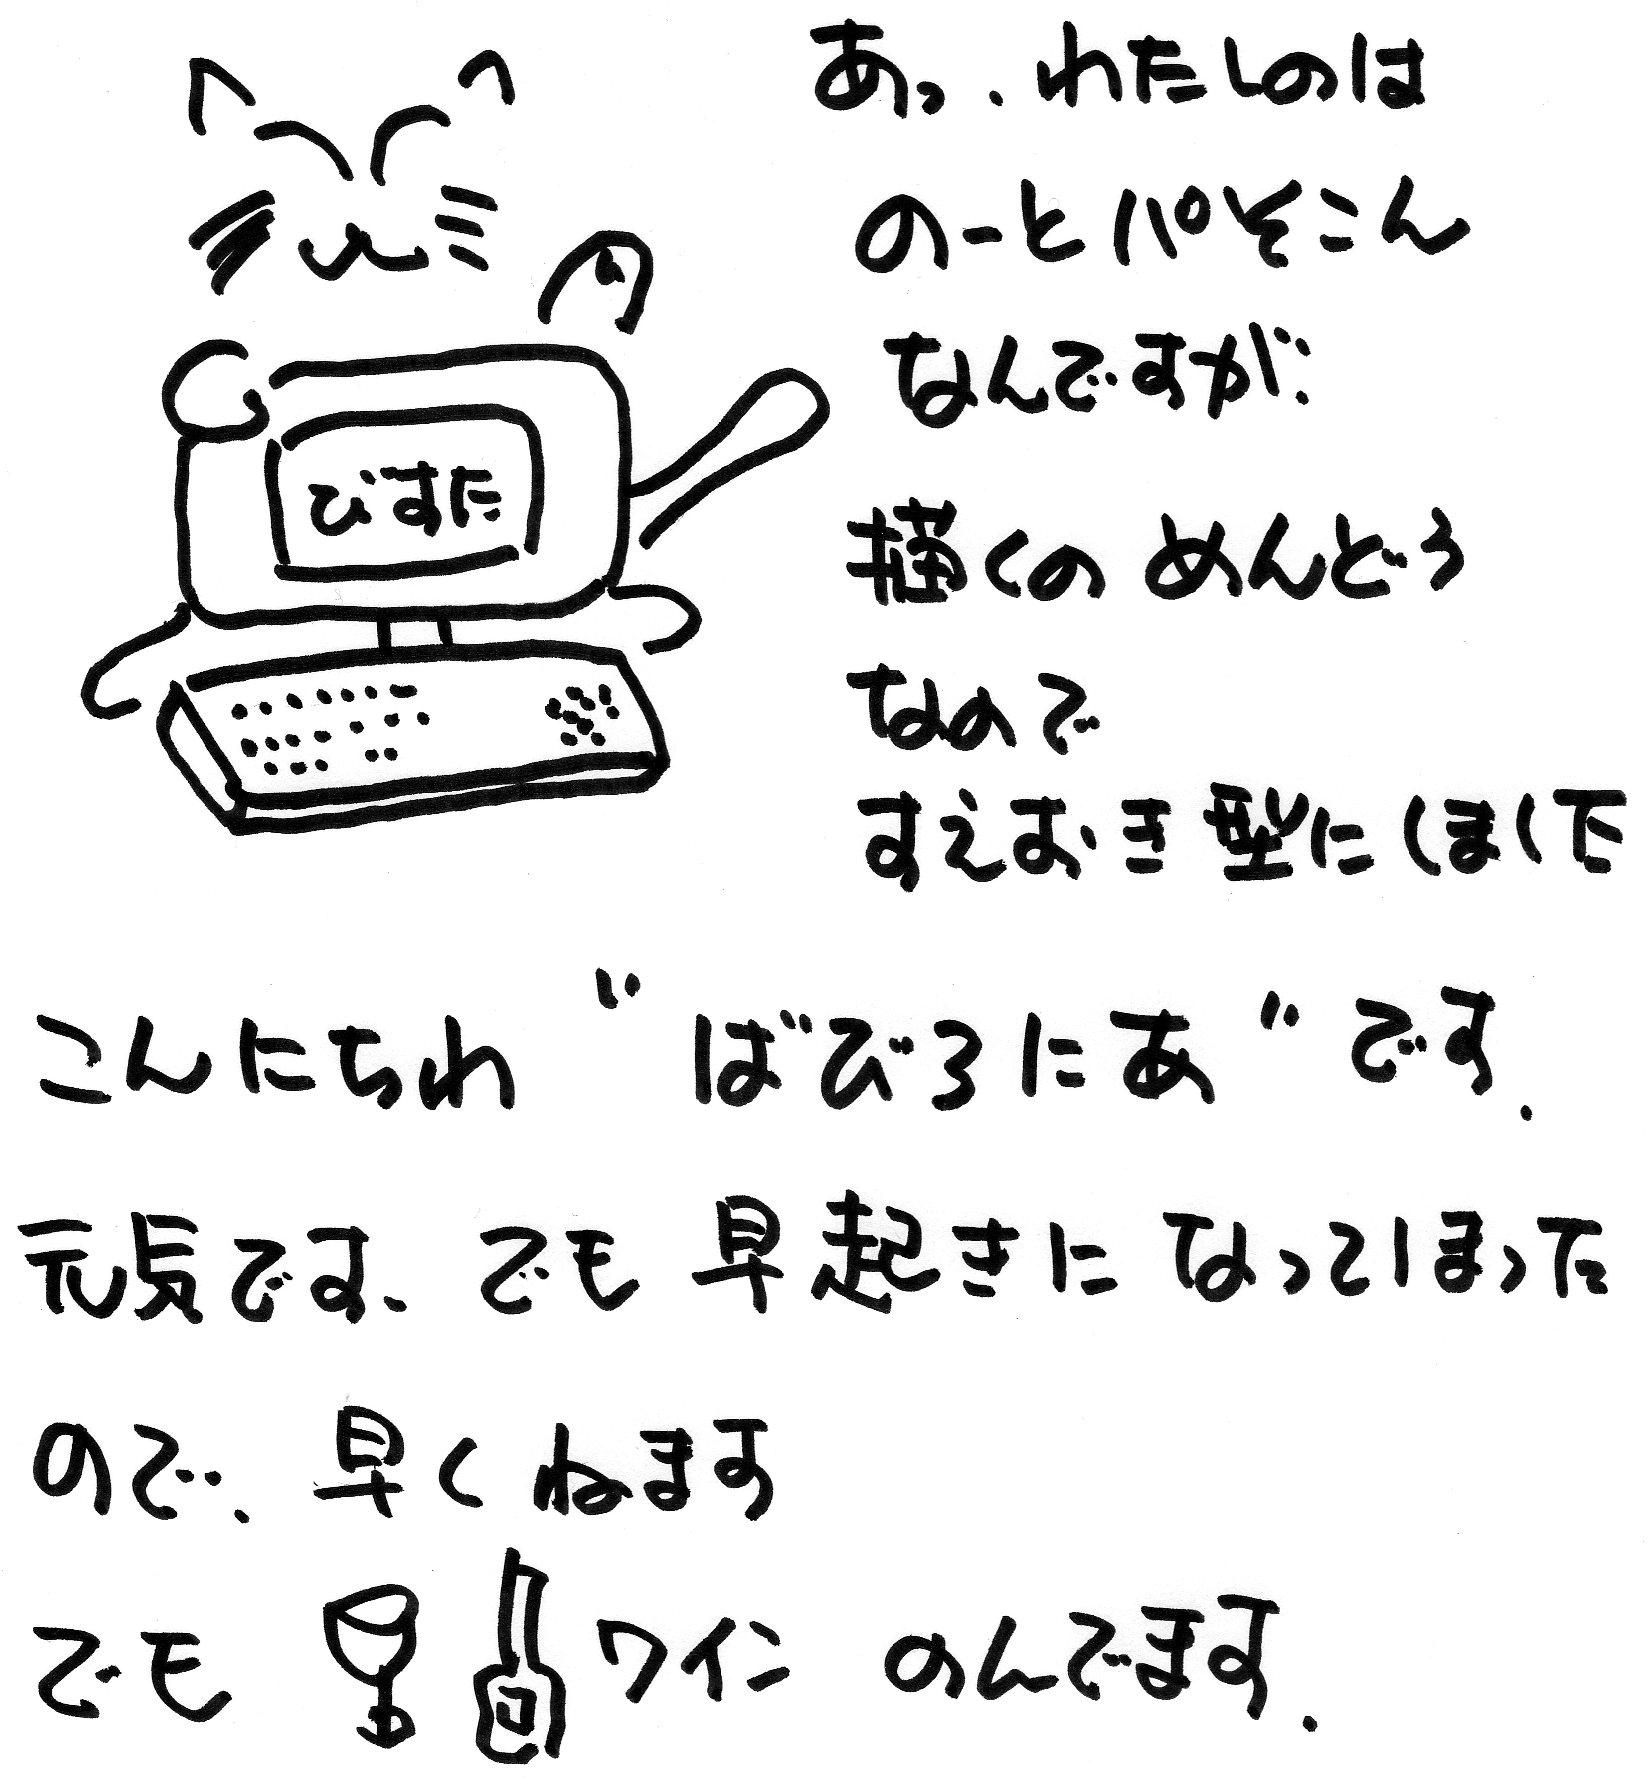 手書きで・・ばんばん・・どどどんどん_c0057415_21542325.jpg